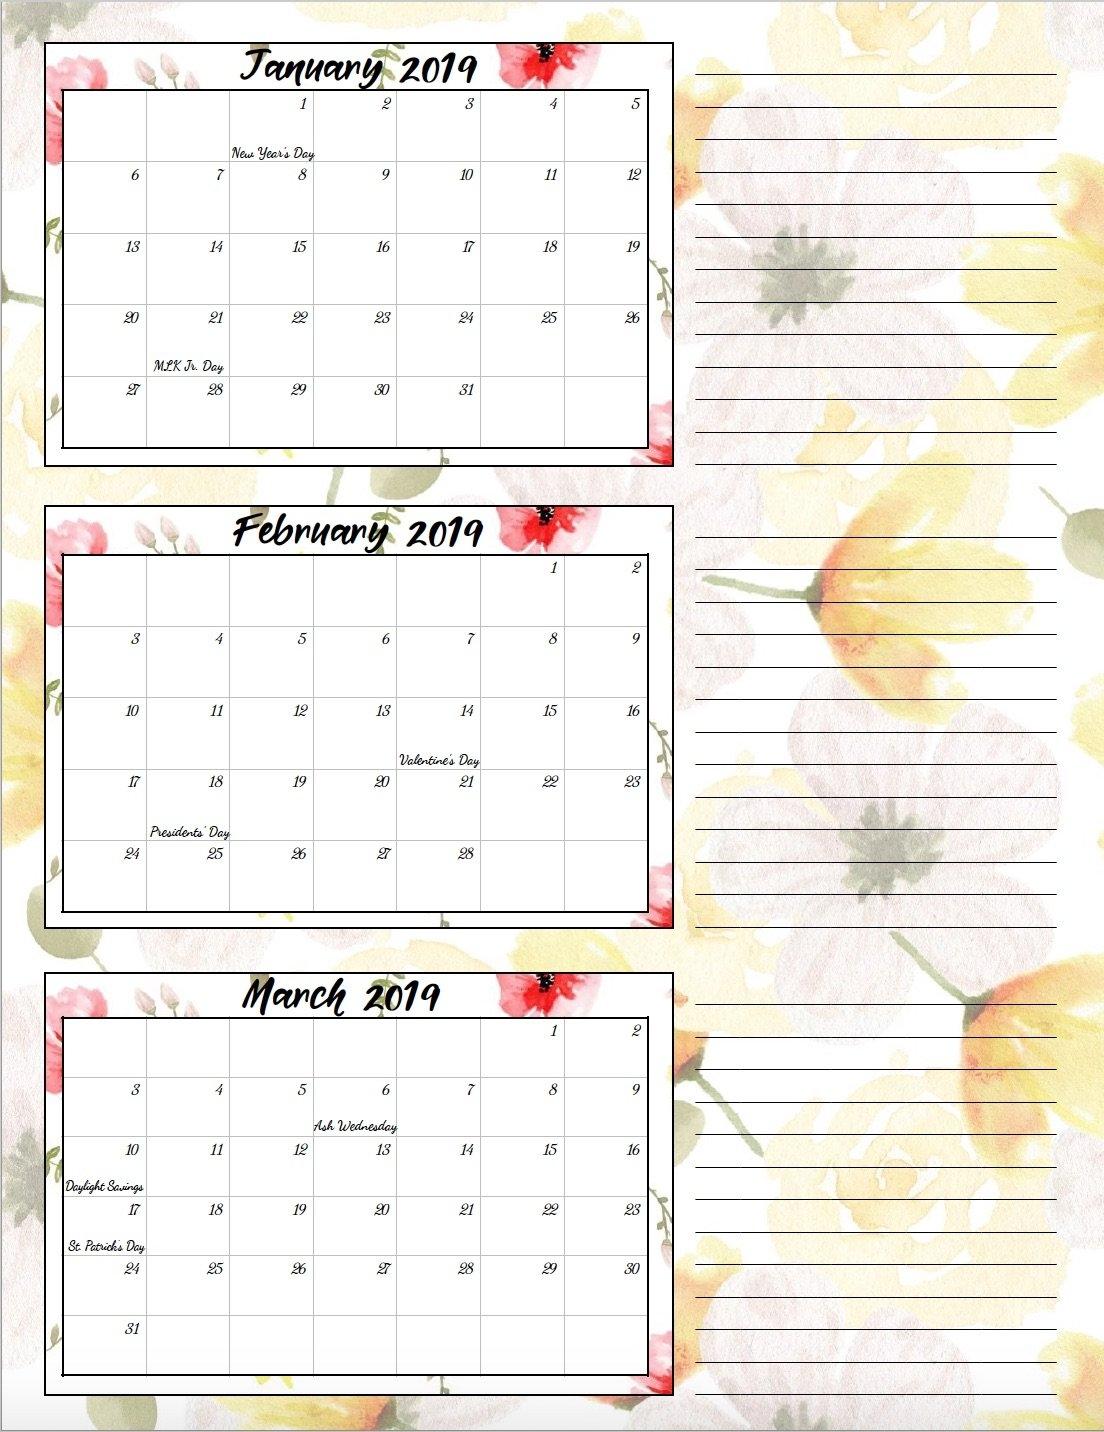 Free Printable 2019 Quarterly Calendars With Holidays: 3 Designs Calendar 2019 1St Quarter